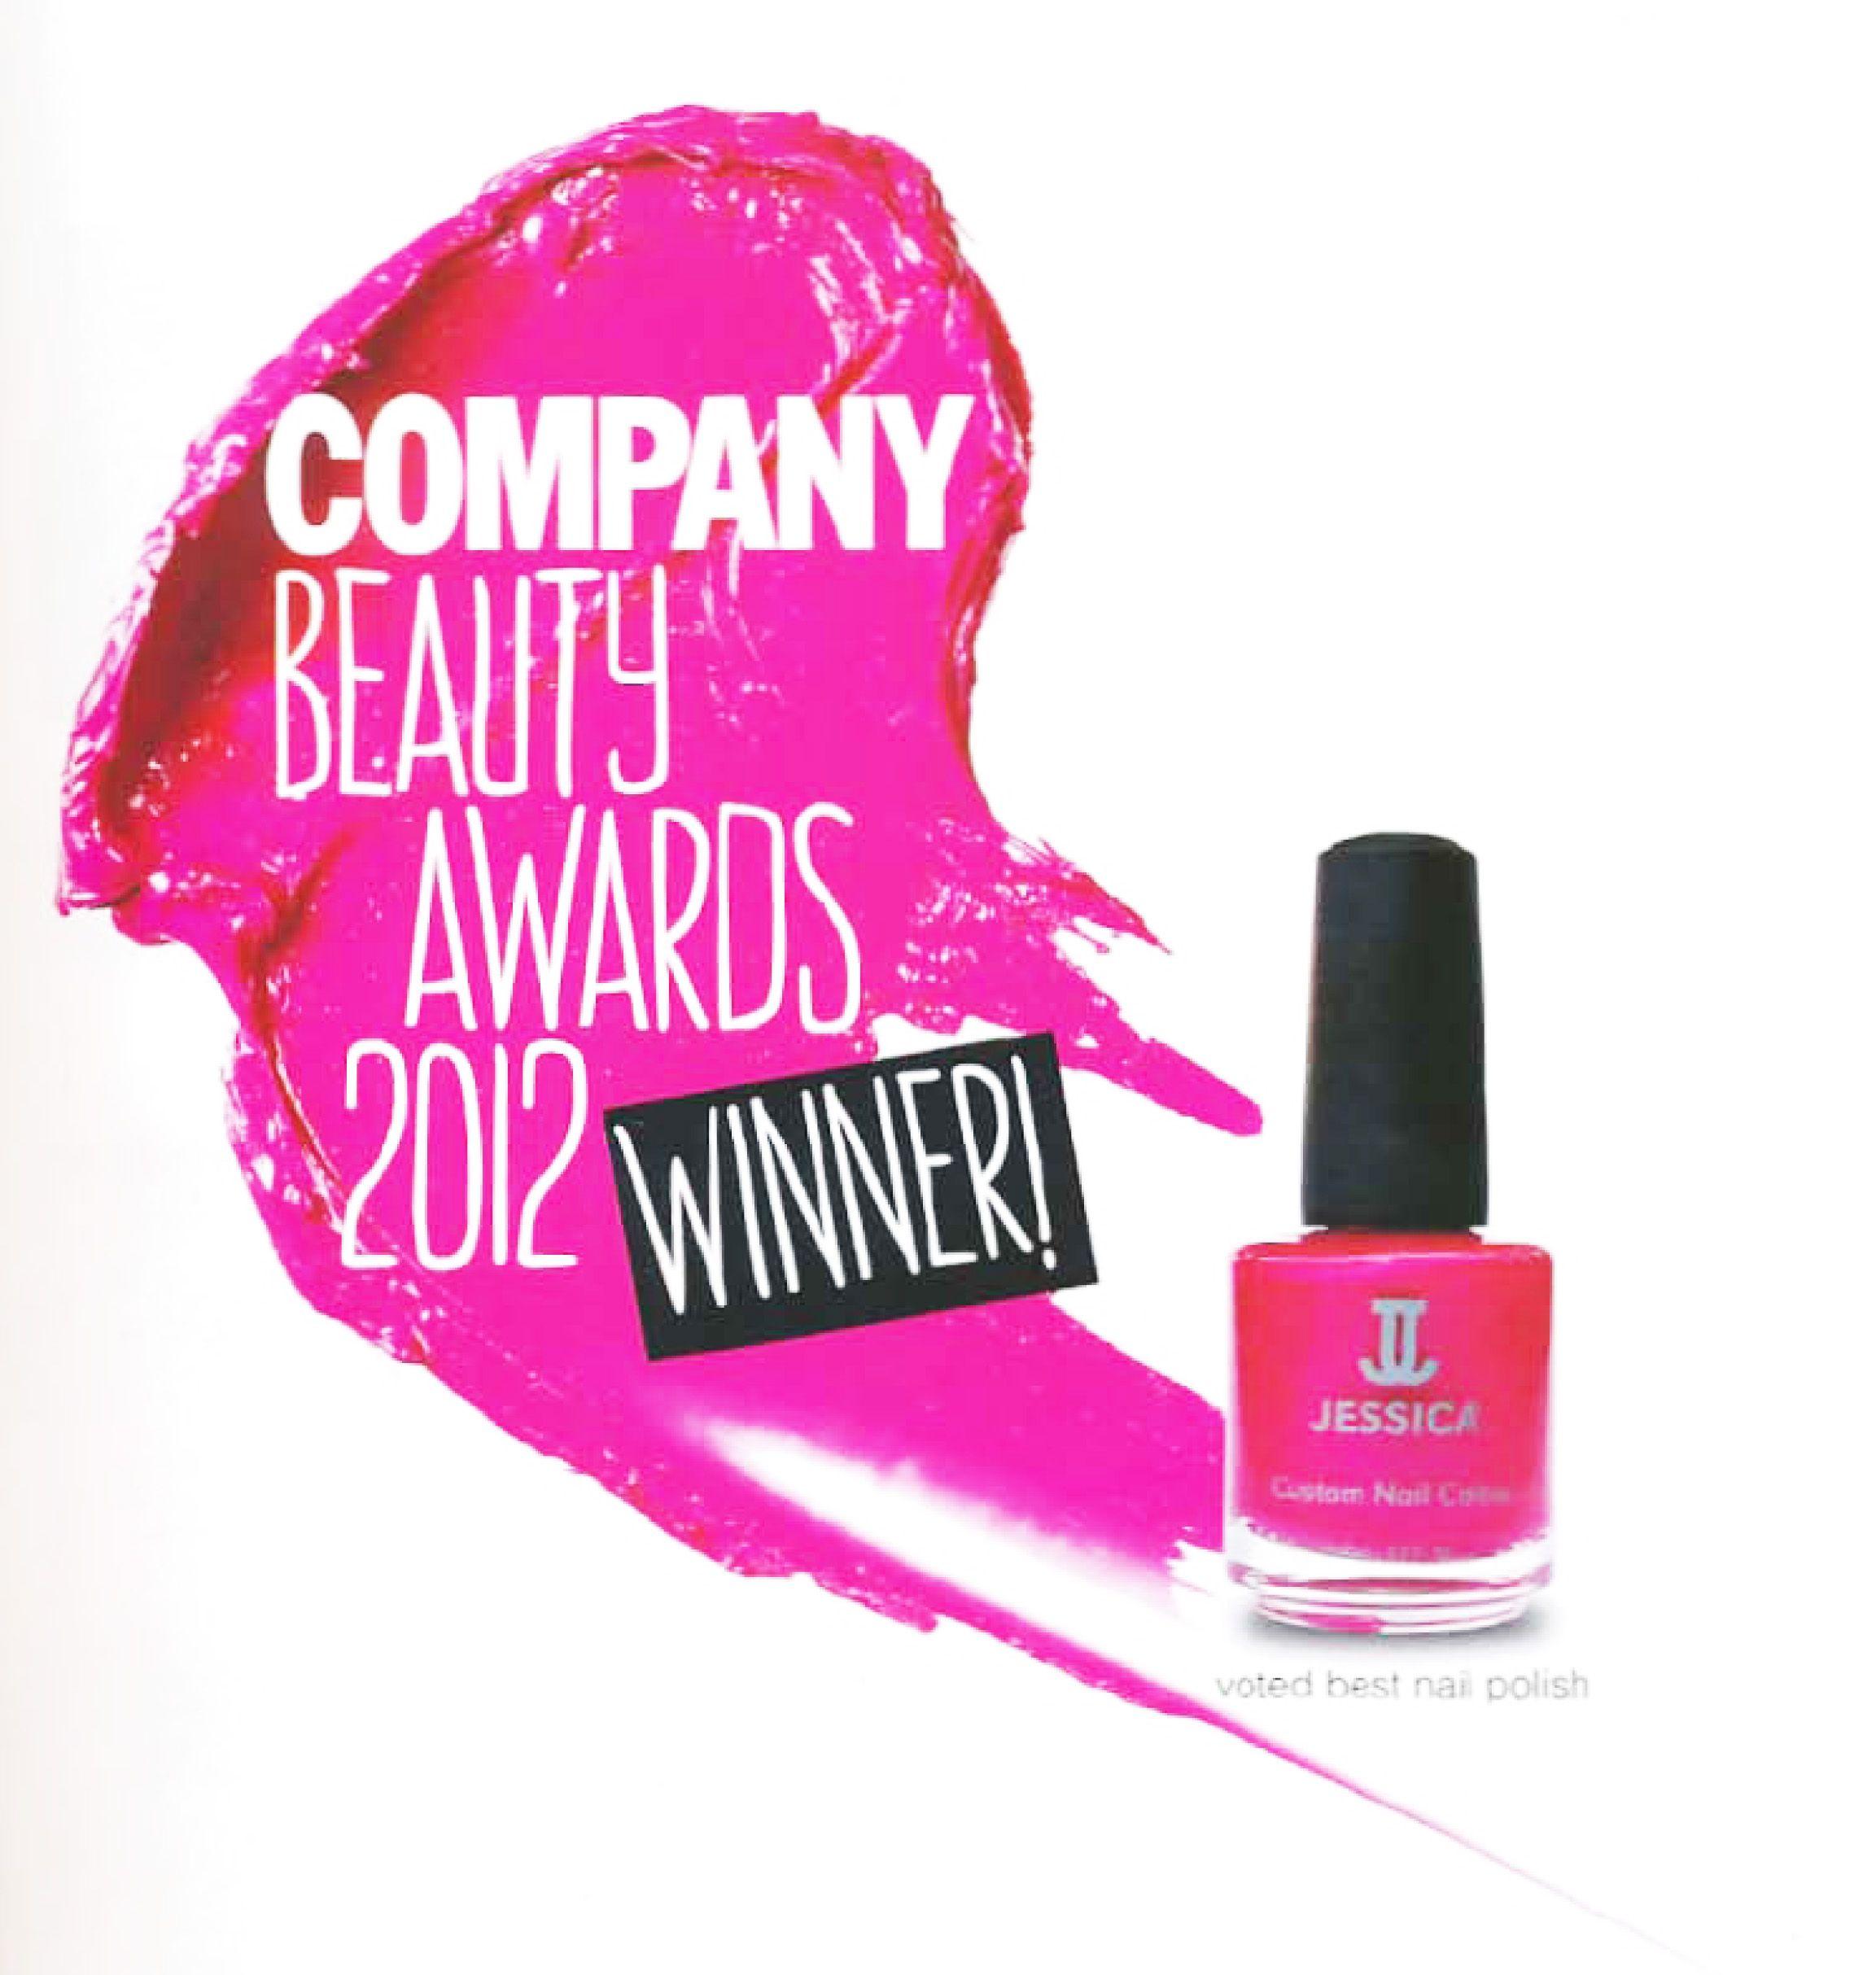 Jessica wins Best Nail Polish at COMPANY Beauty Awards 2012